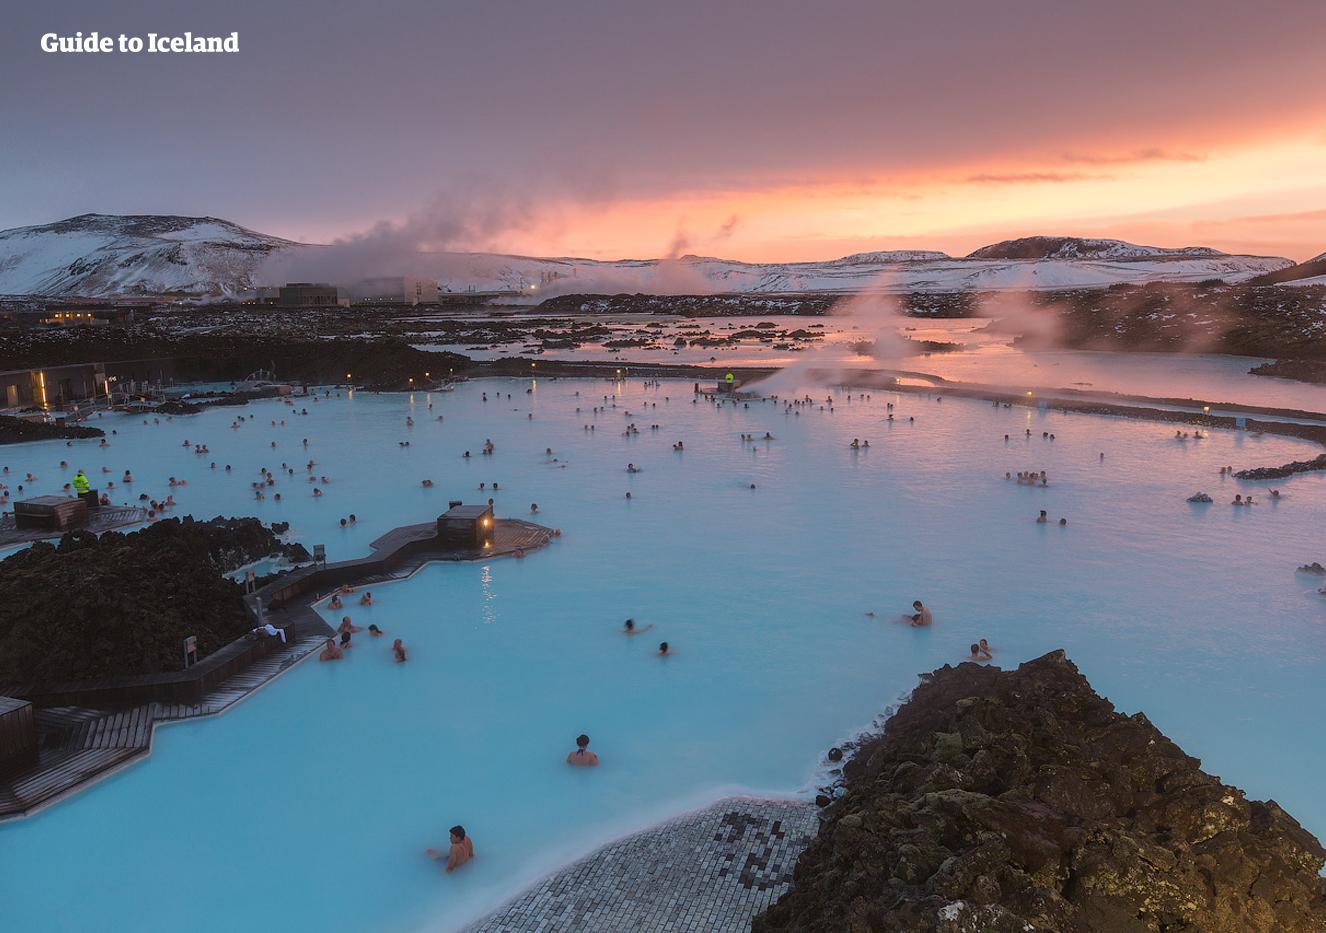 13-dniowa zimowa, samodzielna wycieczka po całej obwodnicy Islandii i półwyspie Snaefellsnes - day 1